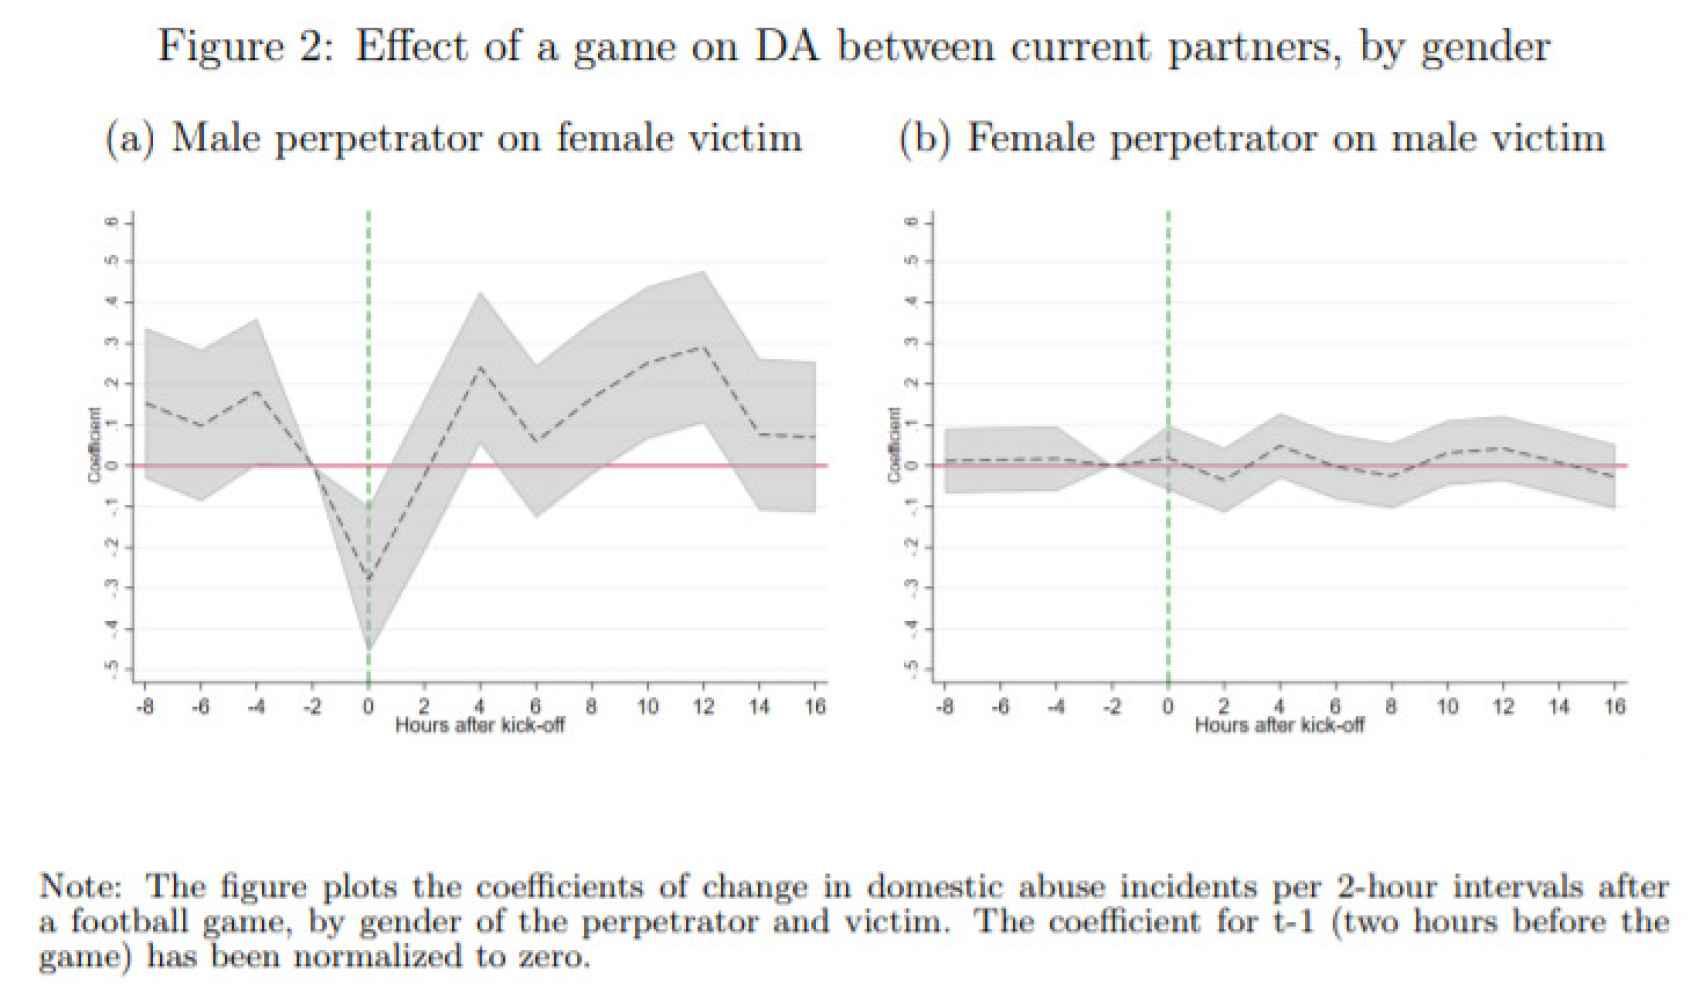 Gráfico sobre la variación del maltrato durante los partidos de fútbol. A la izquierda, cuando el hombre es el perpetrados, y a la derecha cuando lo es la mujer.